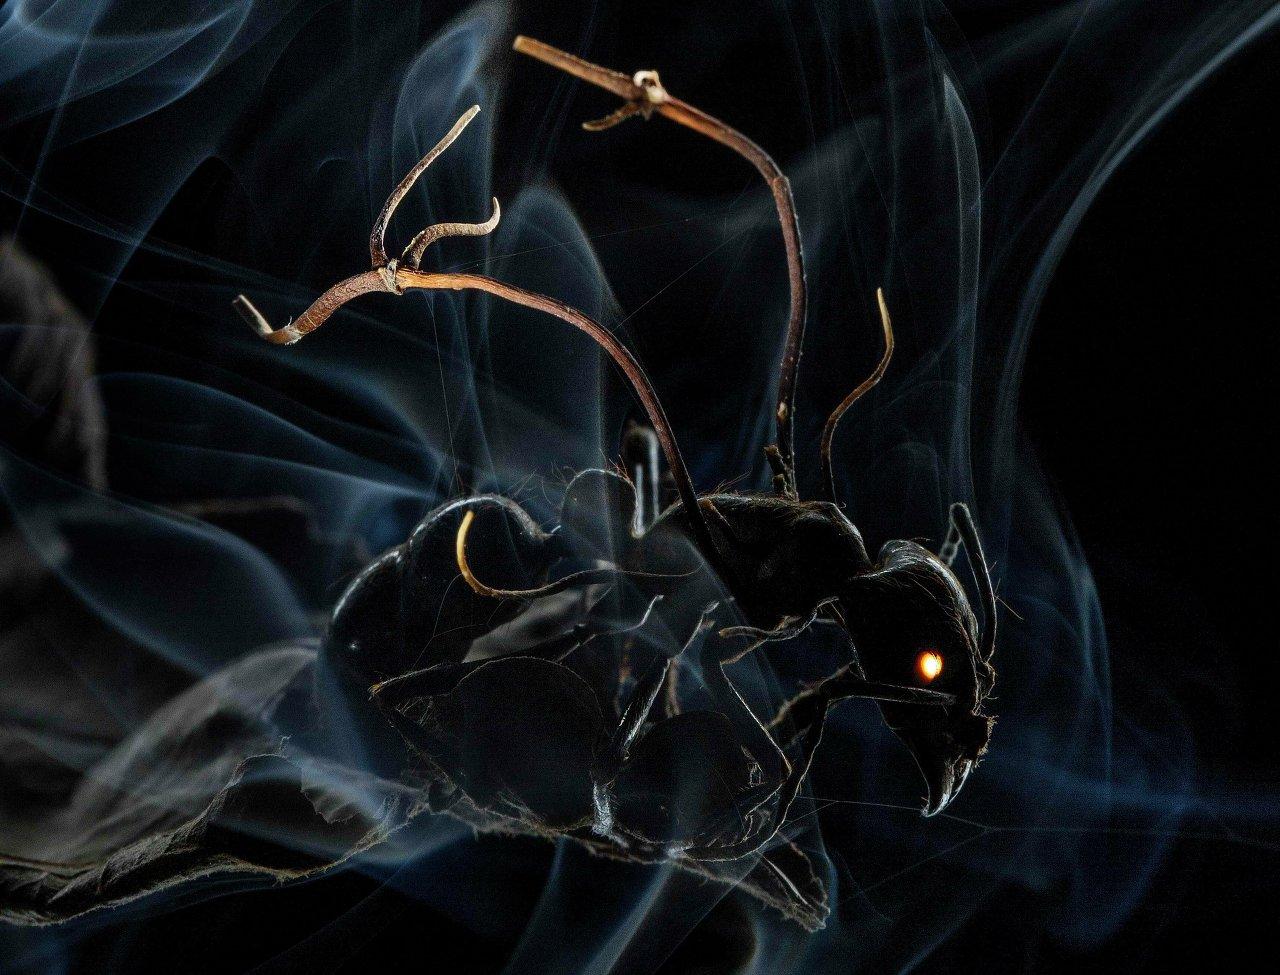 Photo macroscopique d'une fourmi se faisant lentement tuer par des spores de champignon, qui ont pénétré son exosquelette. Une photo d'Anand Varma